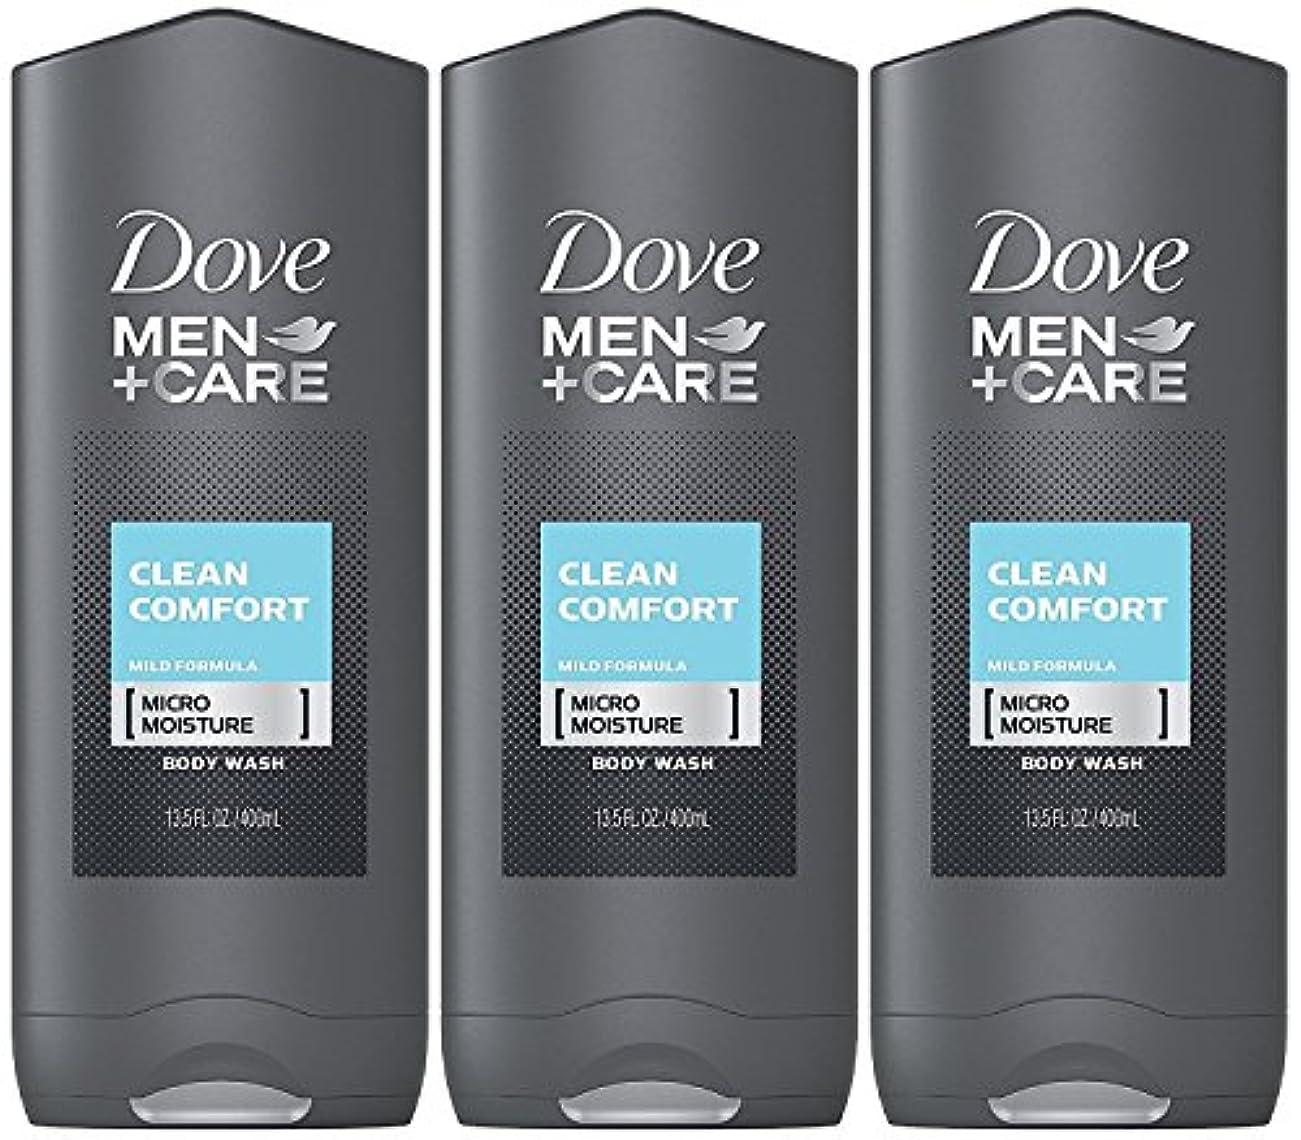 病ボンドロンドンDove Men Plus Care Body and Face Wash Clean Comfort , 13.5 Oz by Dove